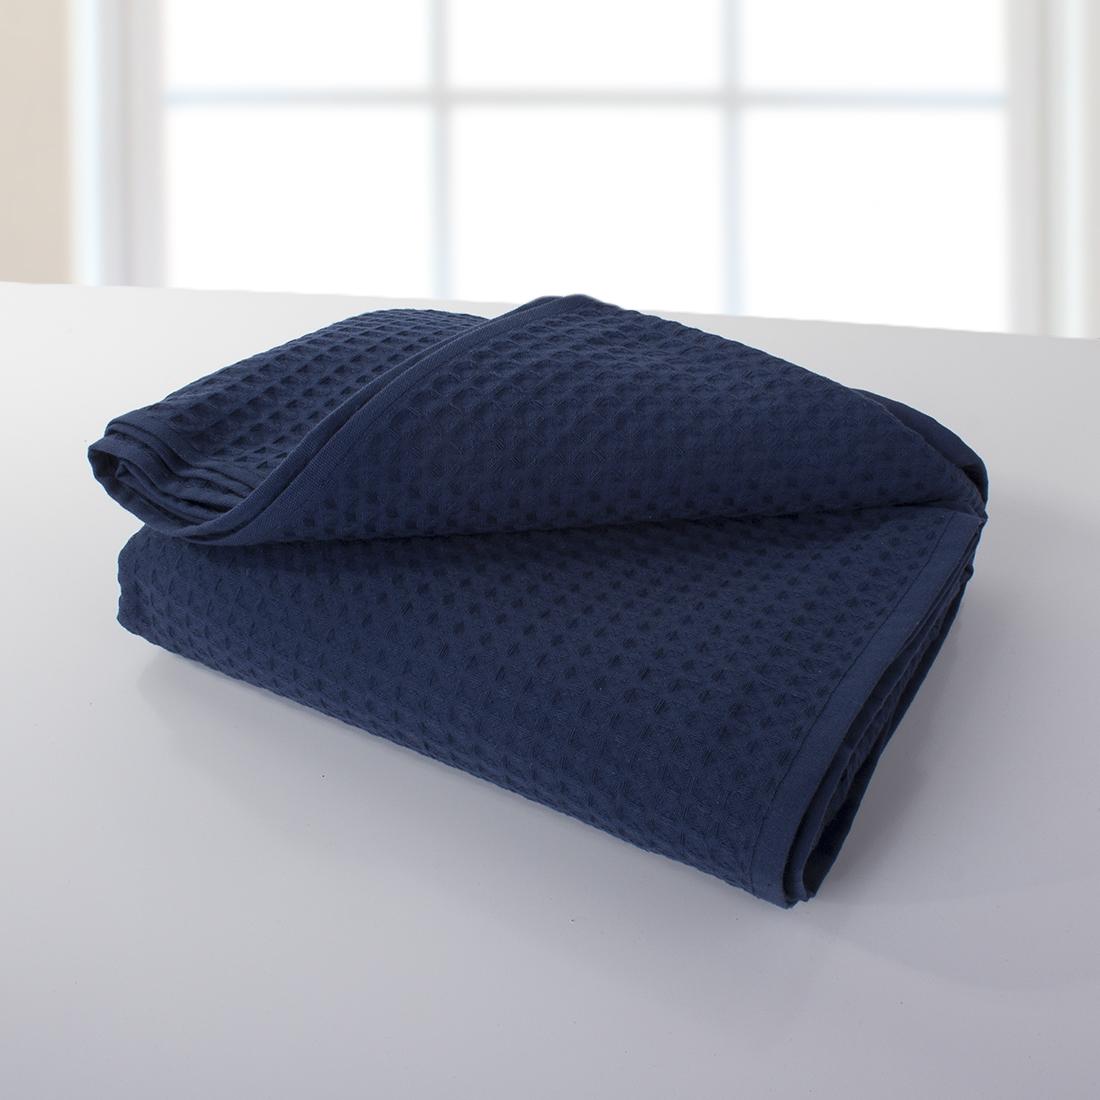 Полотенце для бани Dome Ribbed, цвет: темно-бирюзовый, 150 х 200 см полотенца dome полотенце для рук ribbed цвет серо голубой 40х70 см 10 шт